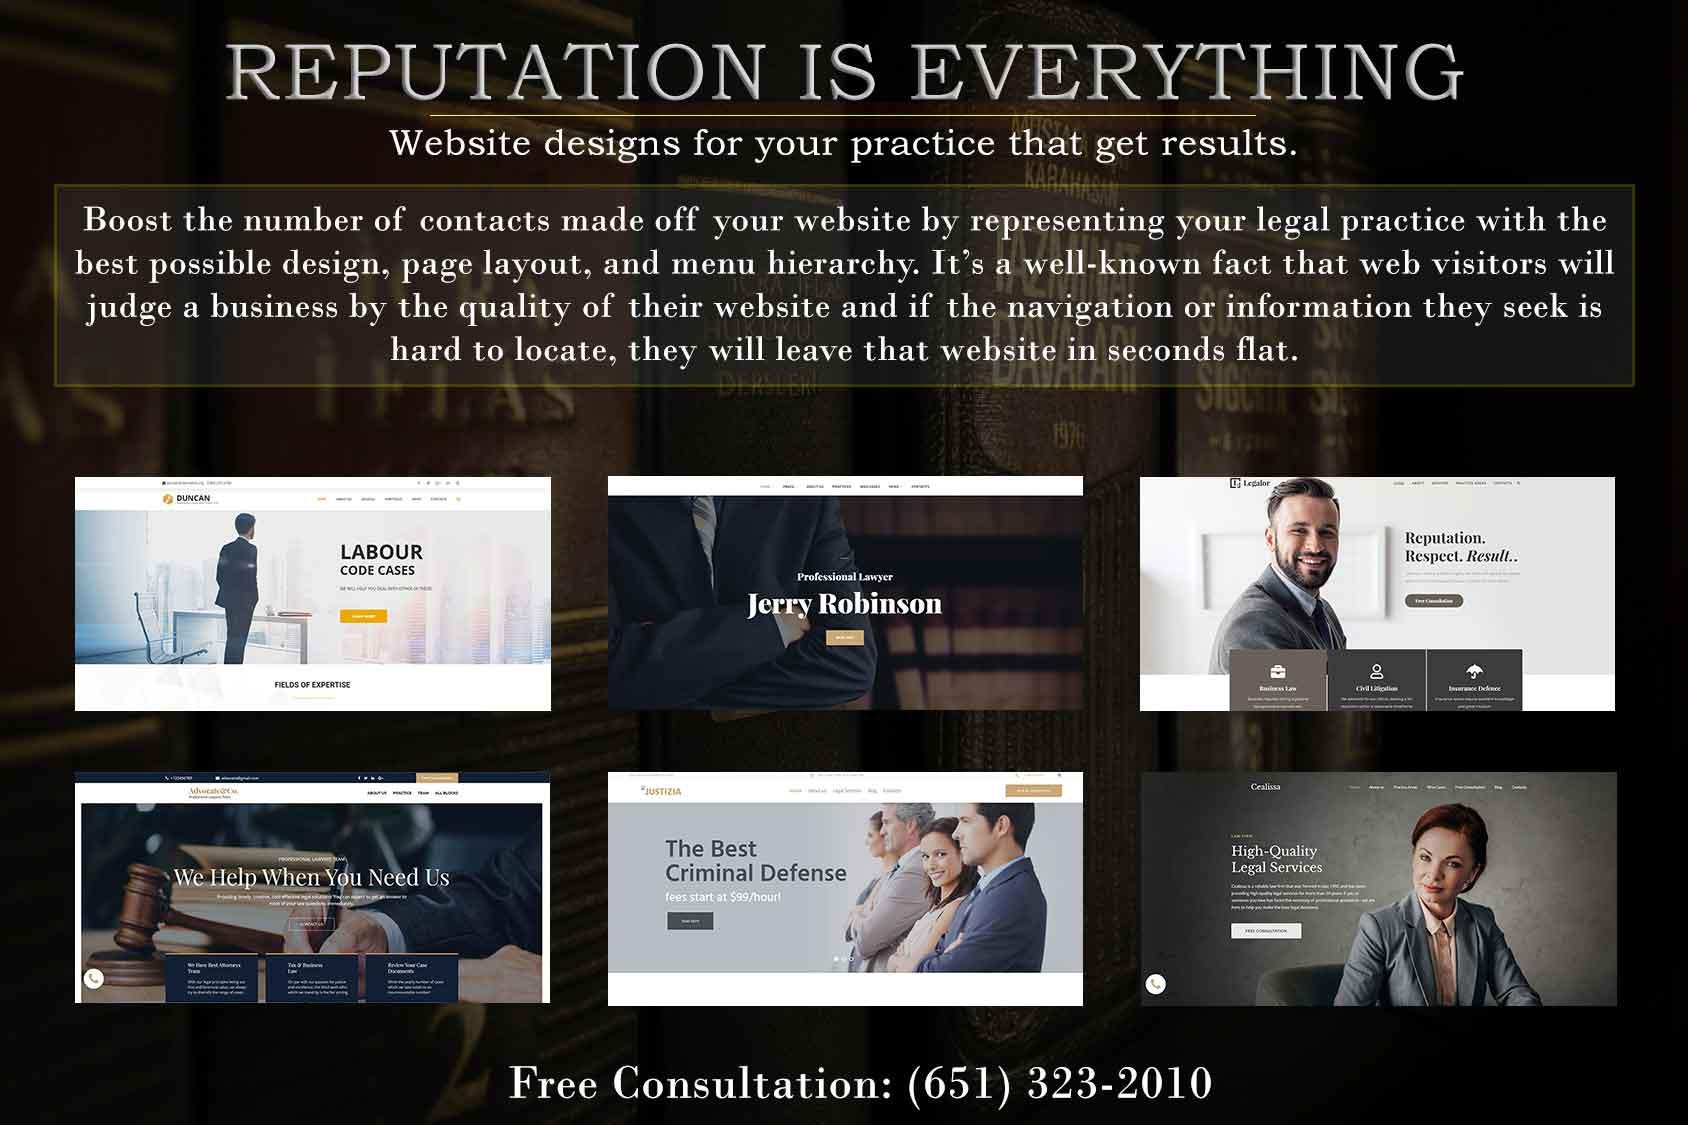 attorney website design banner displaying website designs